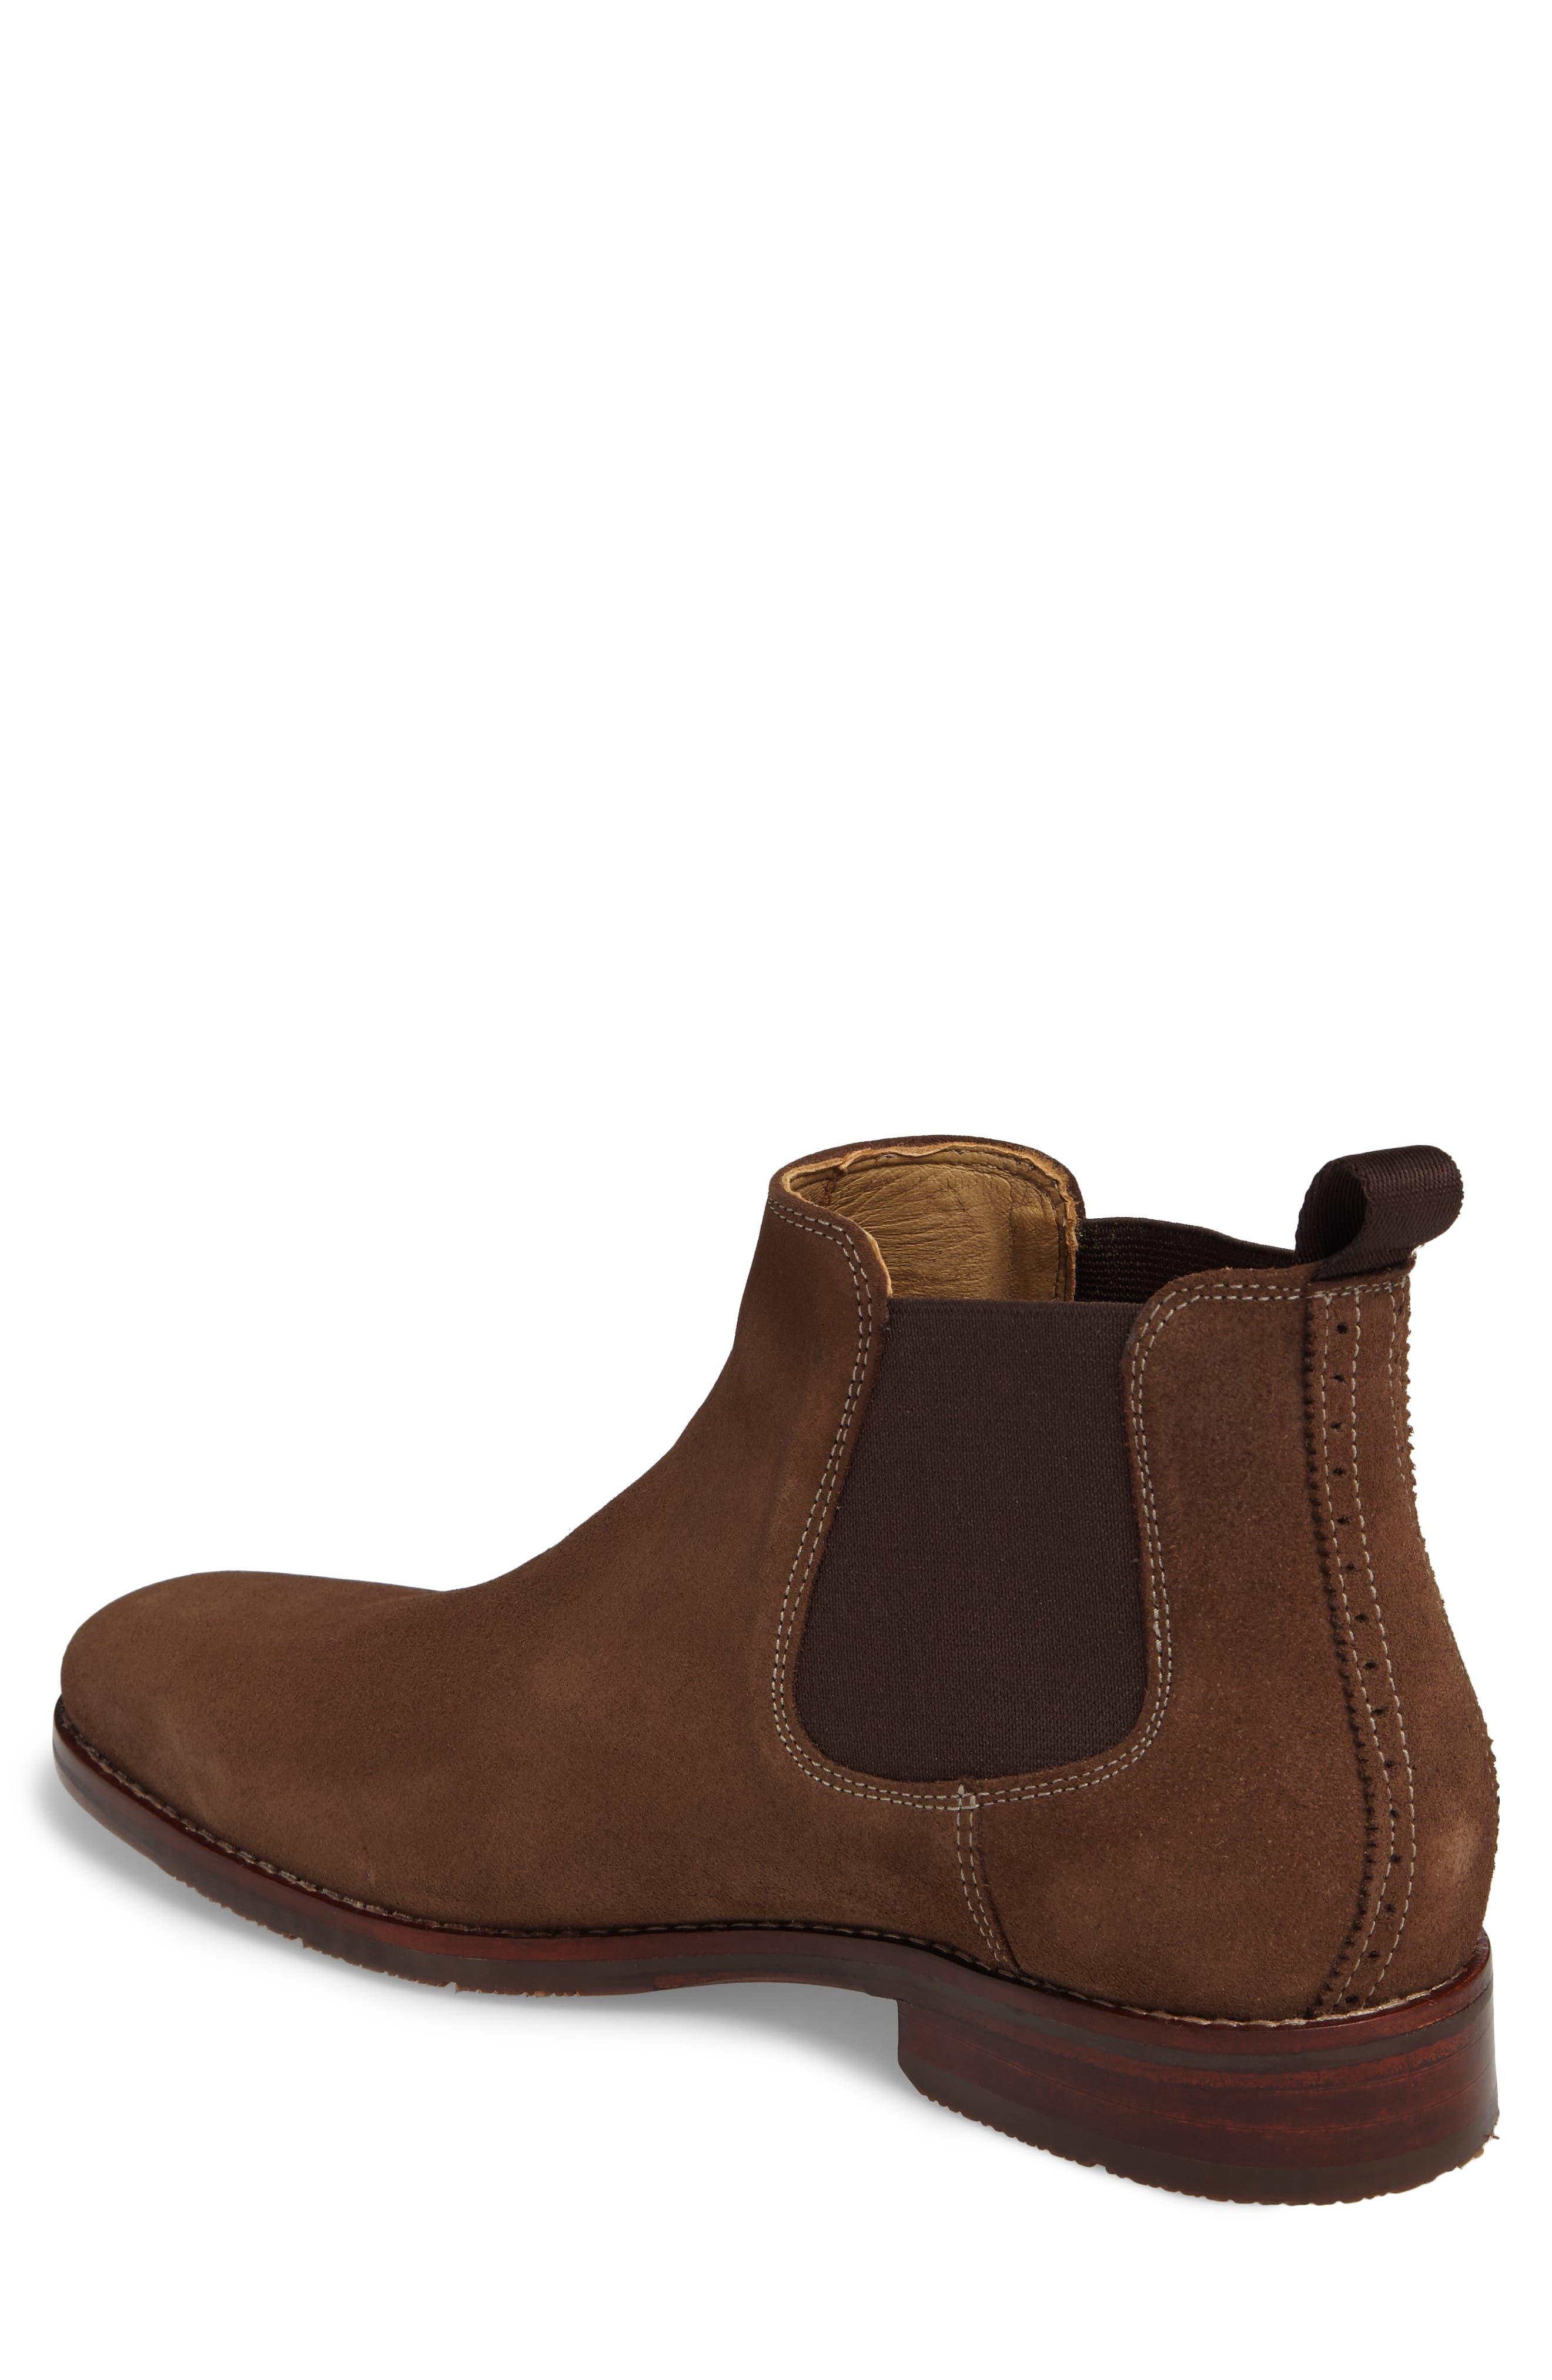 Garner Chelsea Boot,                             Alternate thumbnail 6, color,